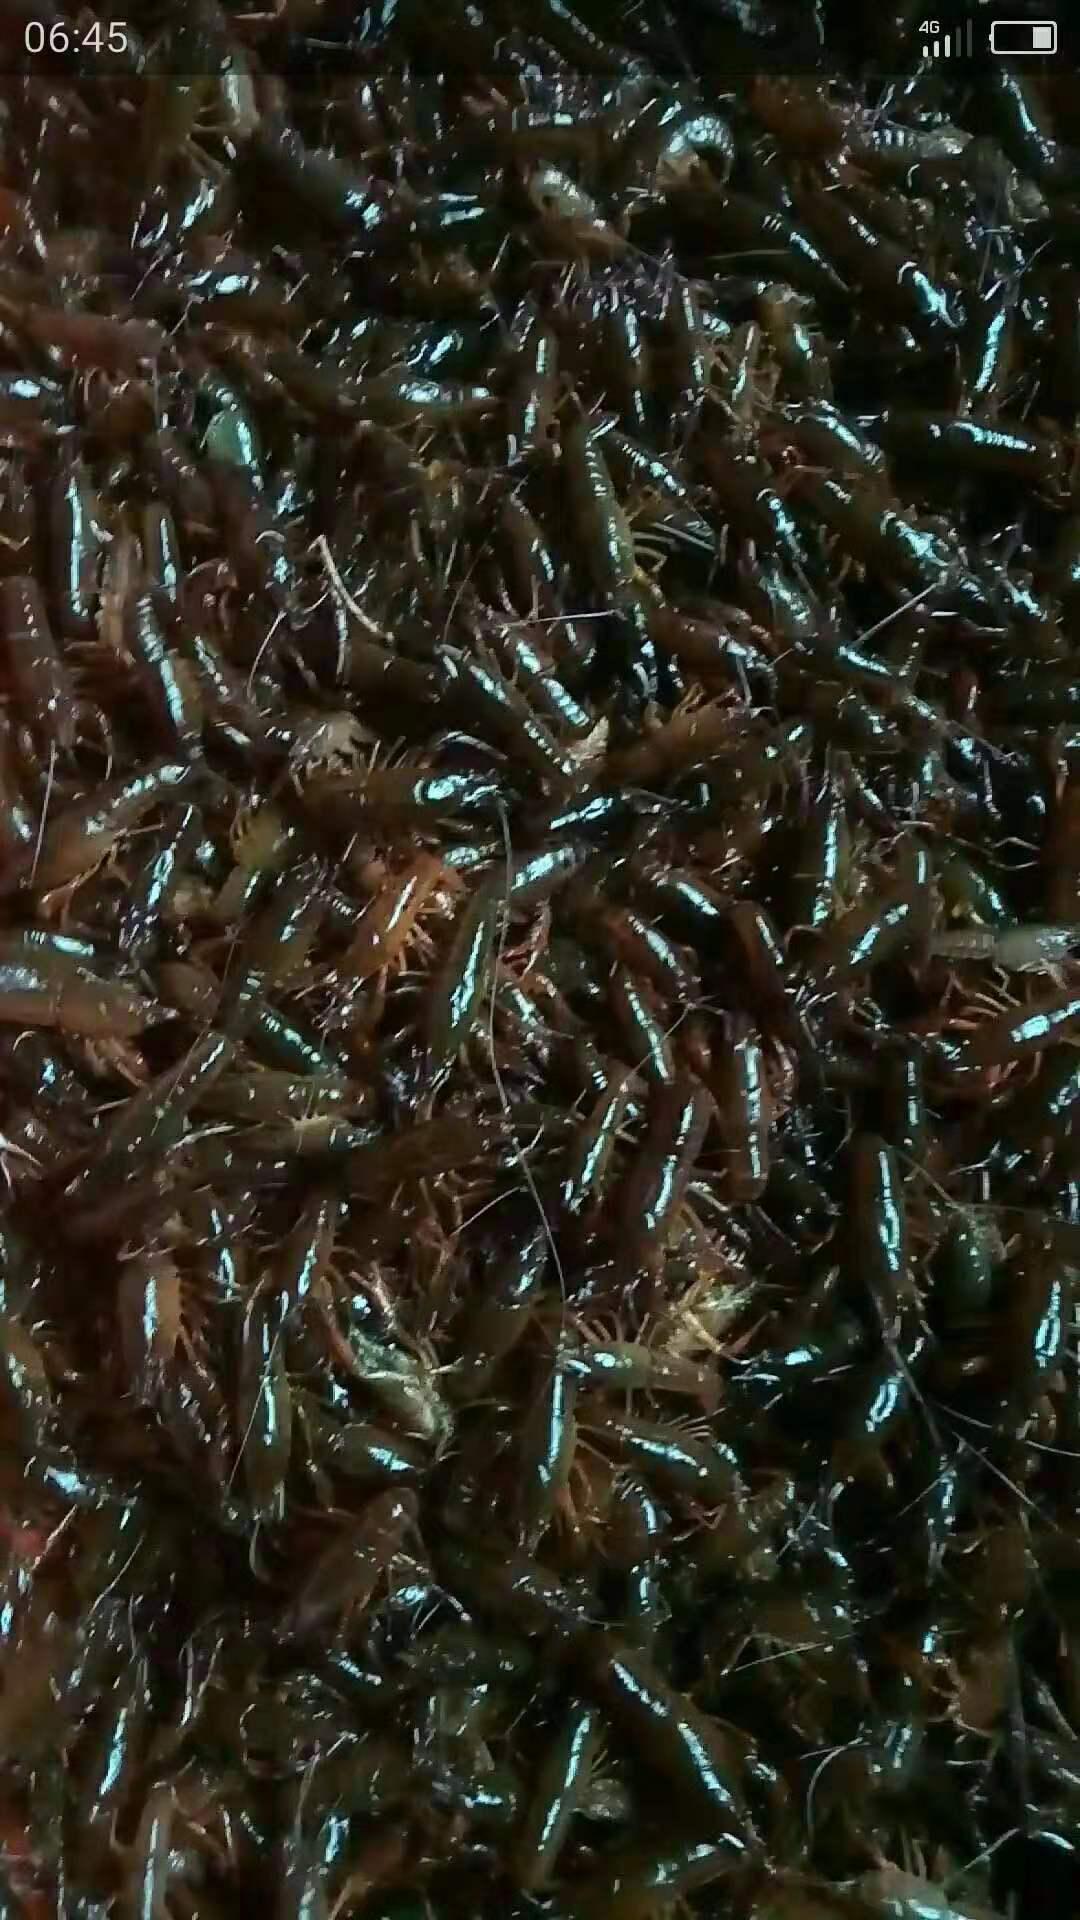 龙虾苗种养基地|温州小龙虾苗养殖场| 小龙虾养殖市场 龙虾苗养殖价格 龙虾苗种养基地